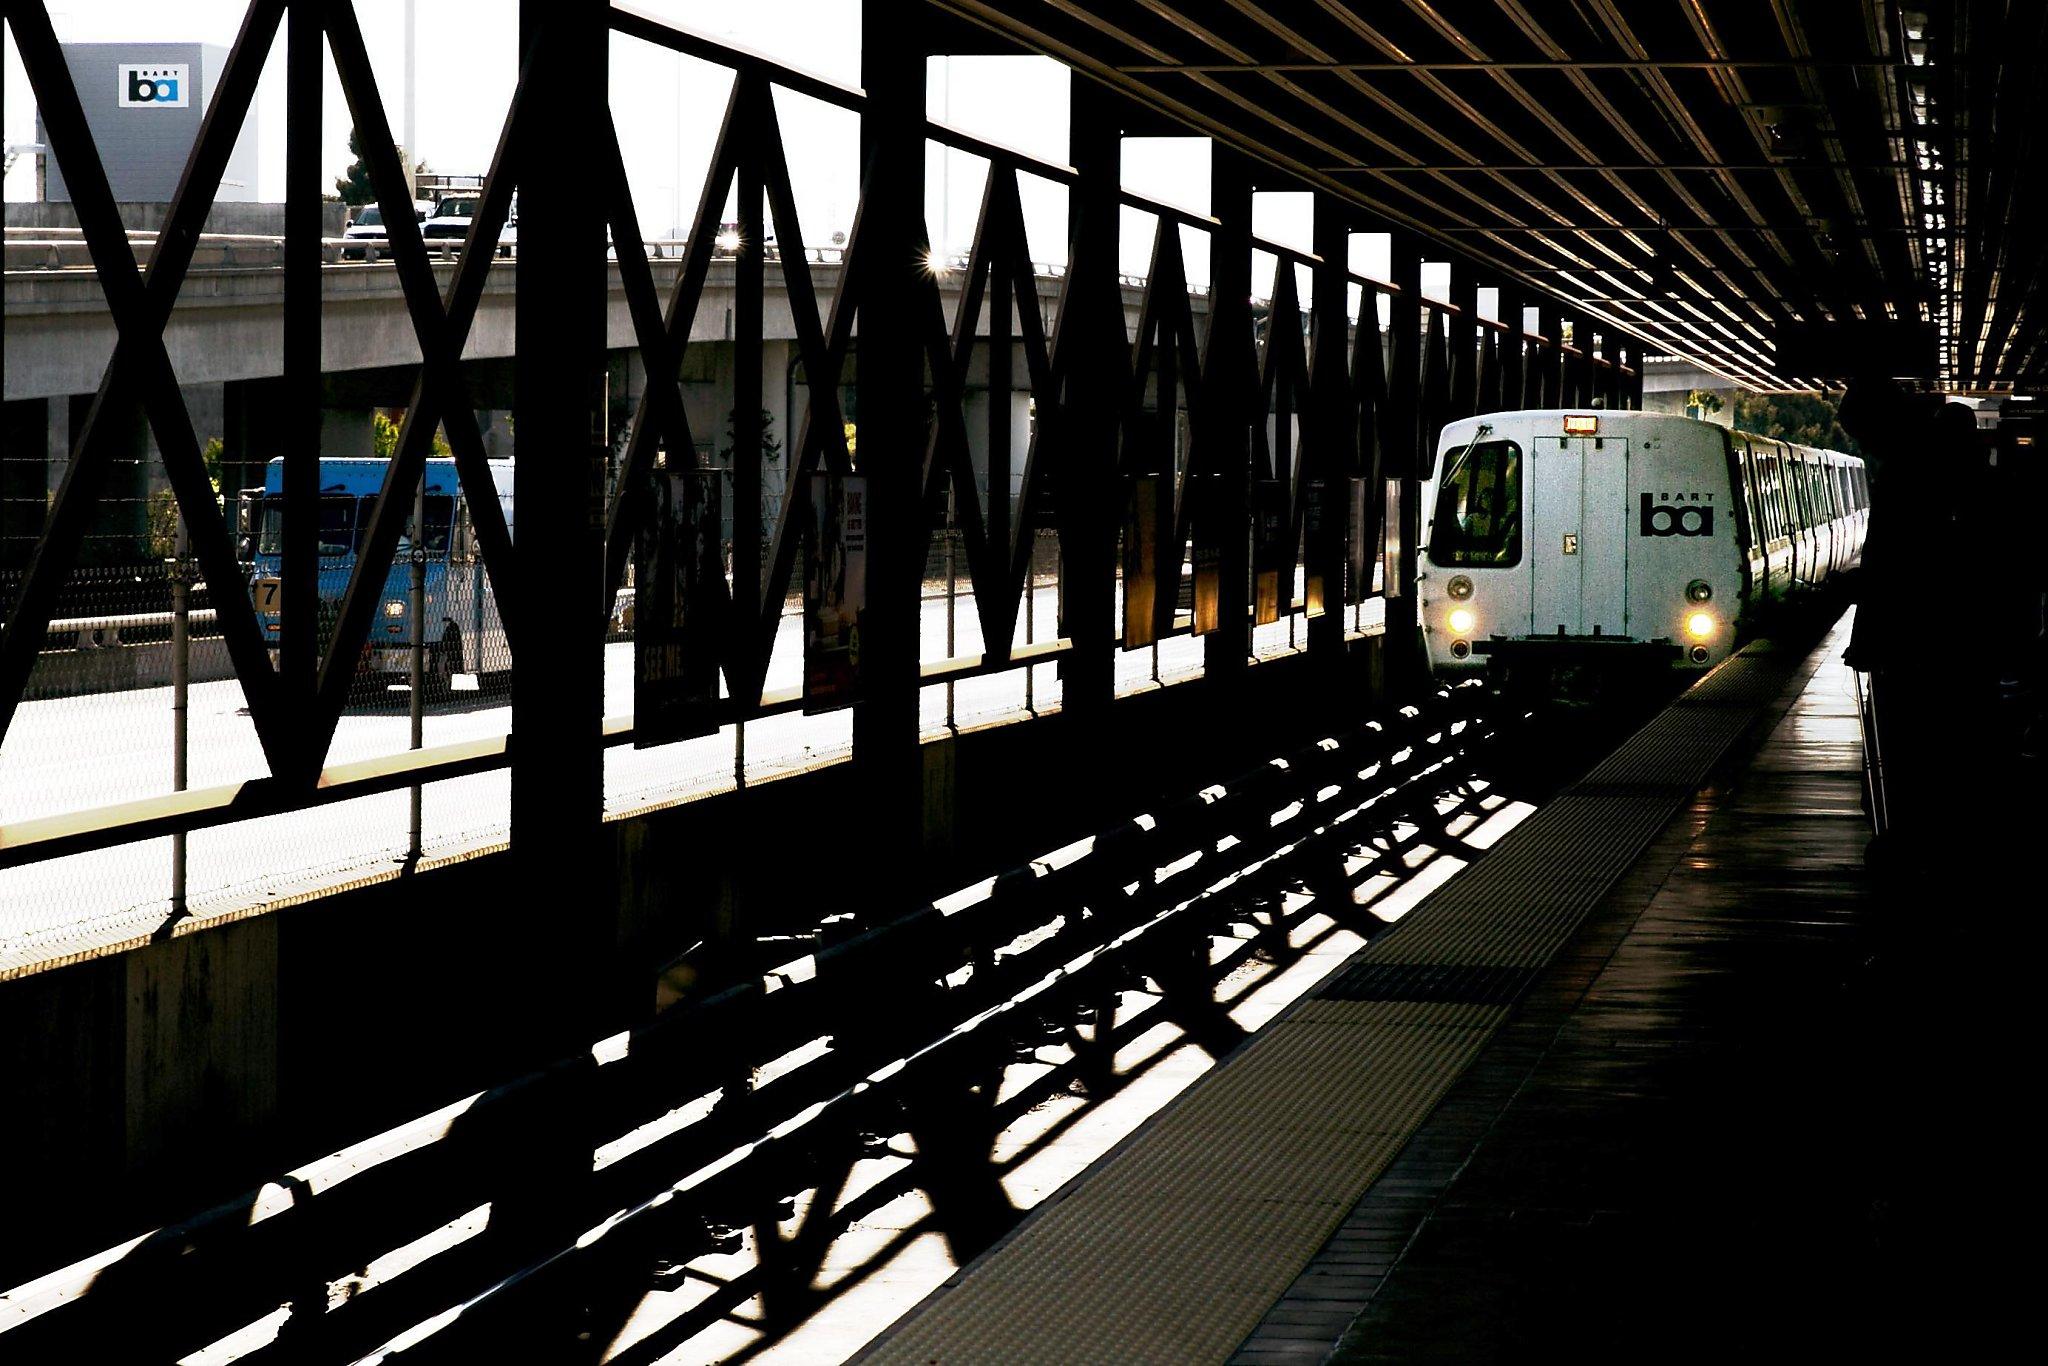 richmond bound train announces - HD2048×1366